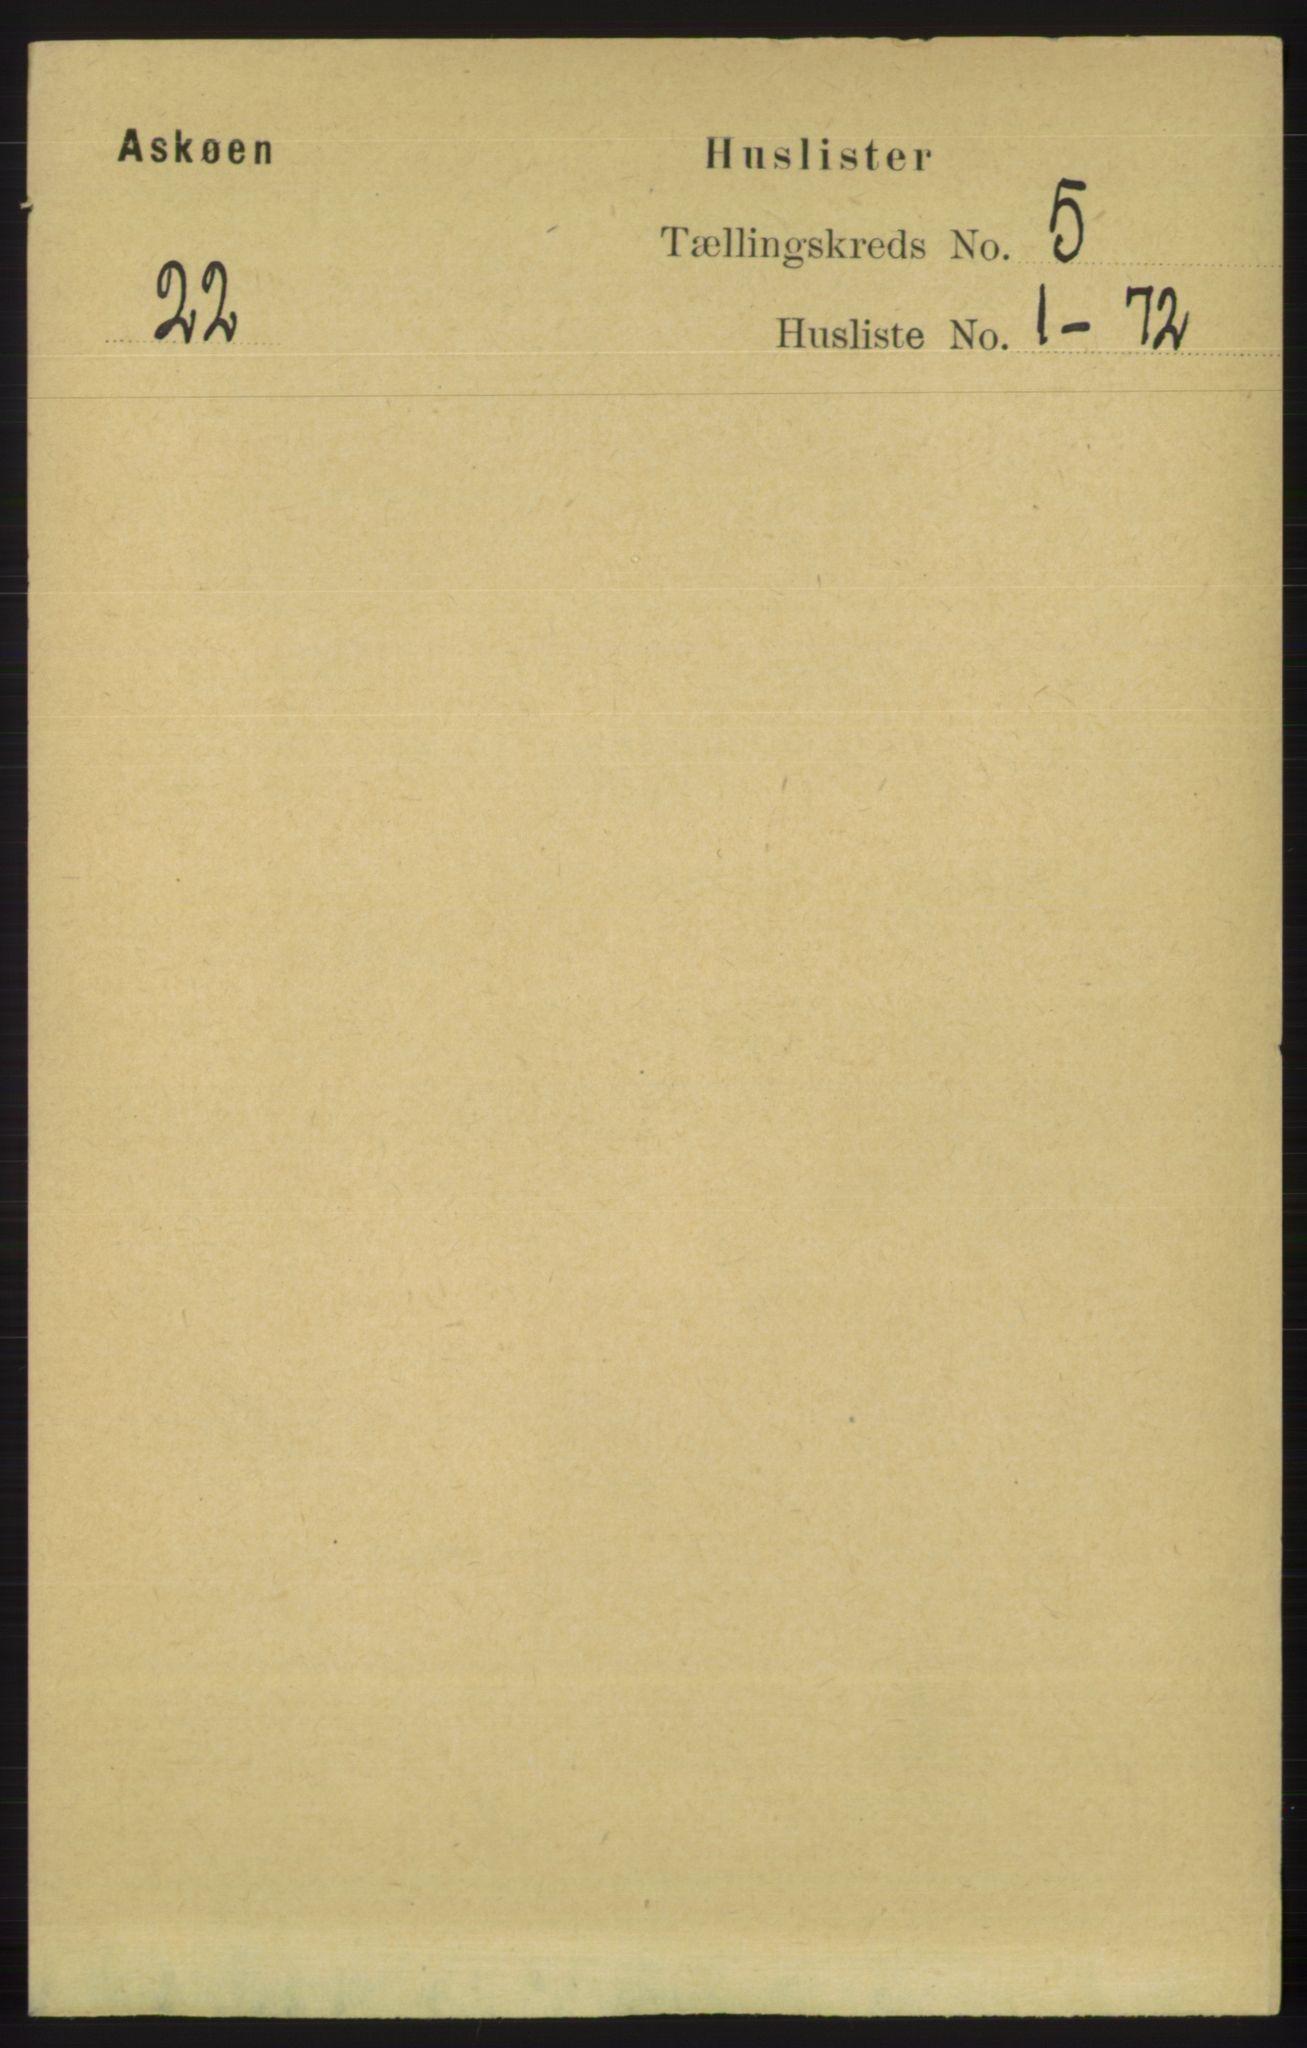 RA, Folketelling 1891 for 1247 Askøy herred, 1891, s. 3422